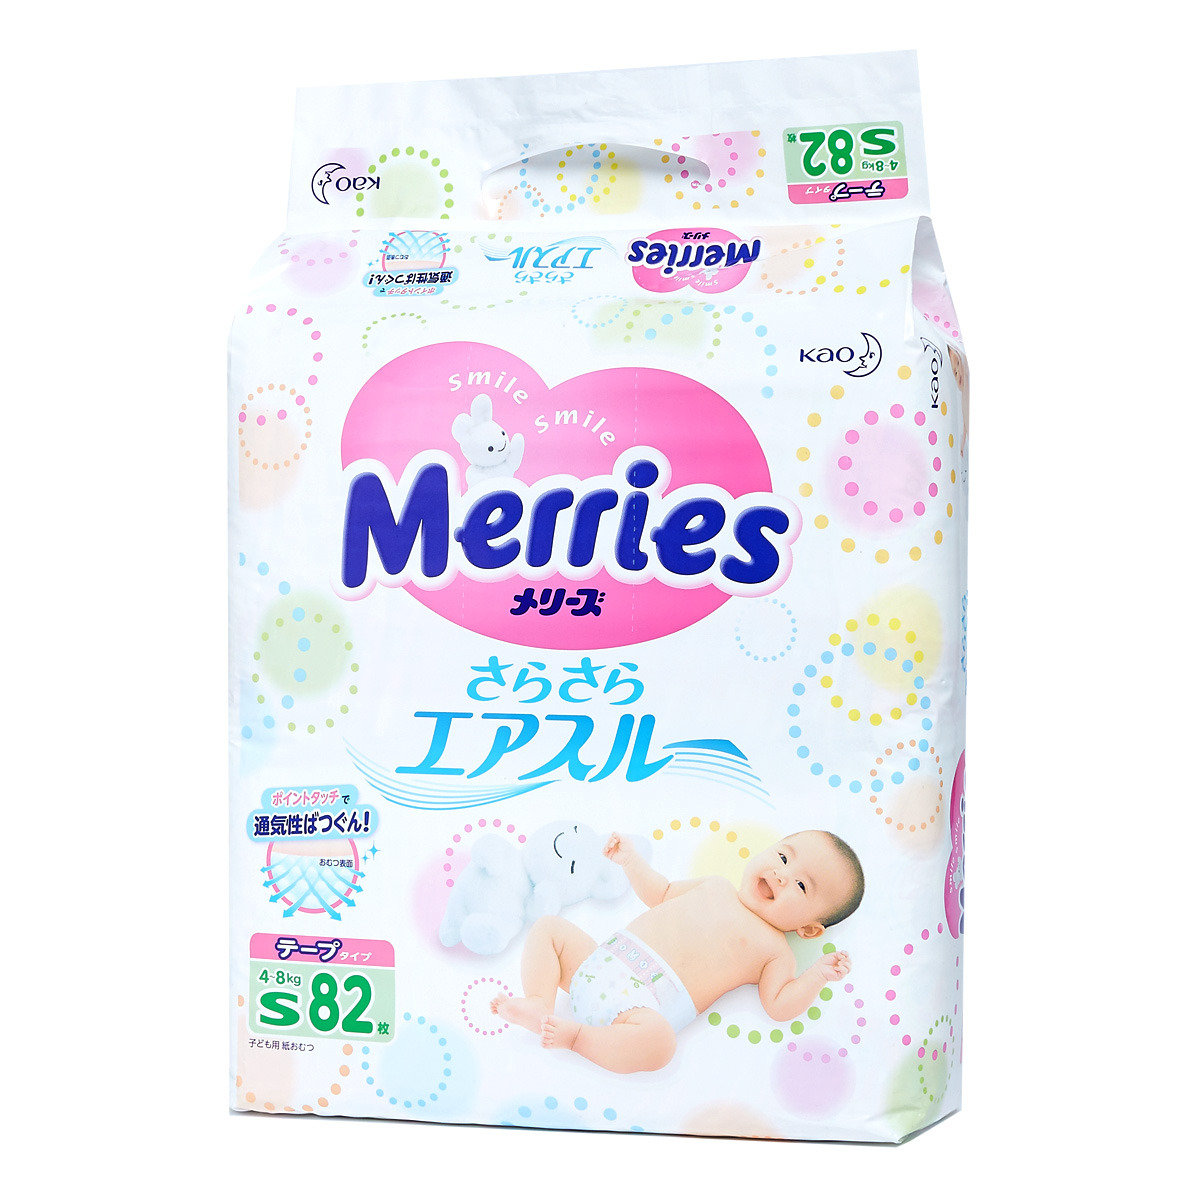 Merries紙尿片 (細碼)